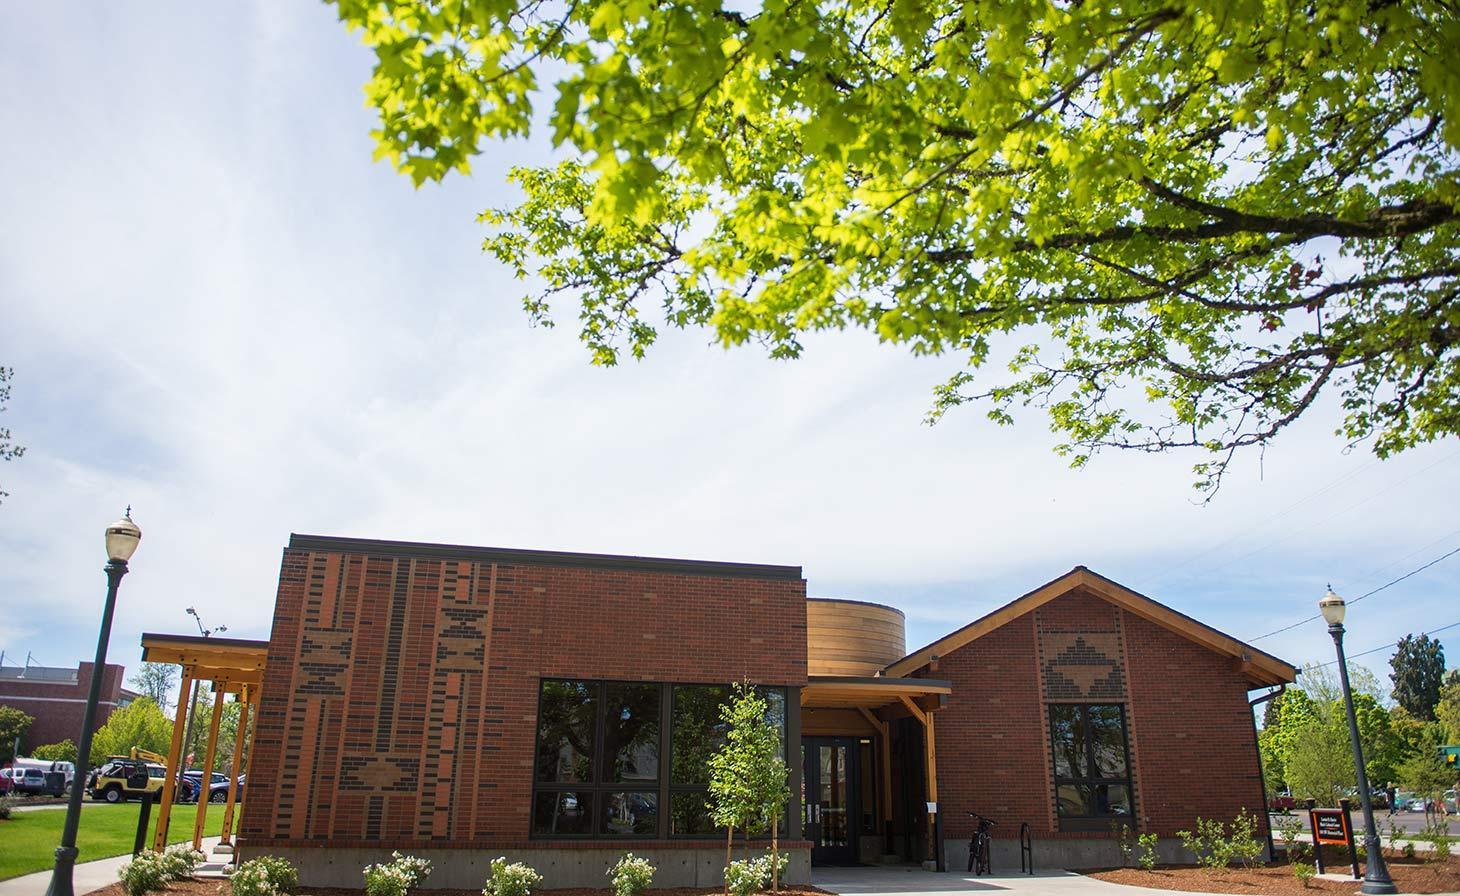 Lonnie B. Harris Black Cultural Center